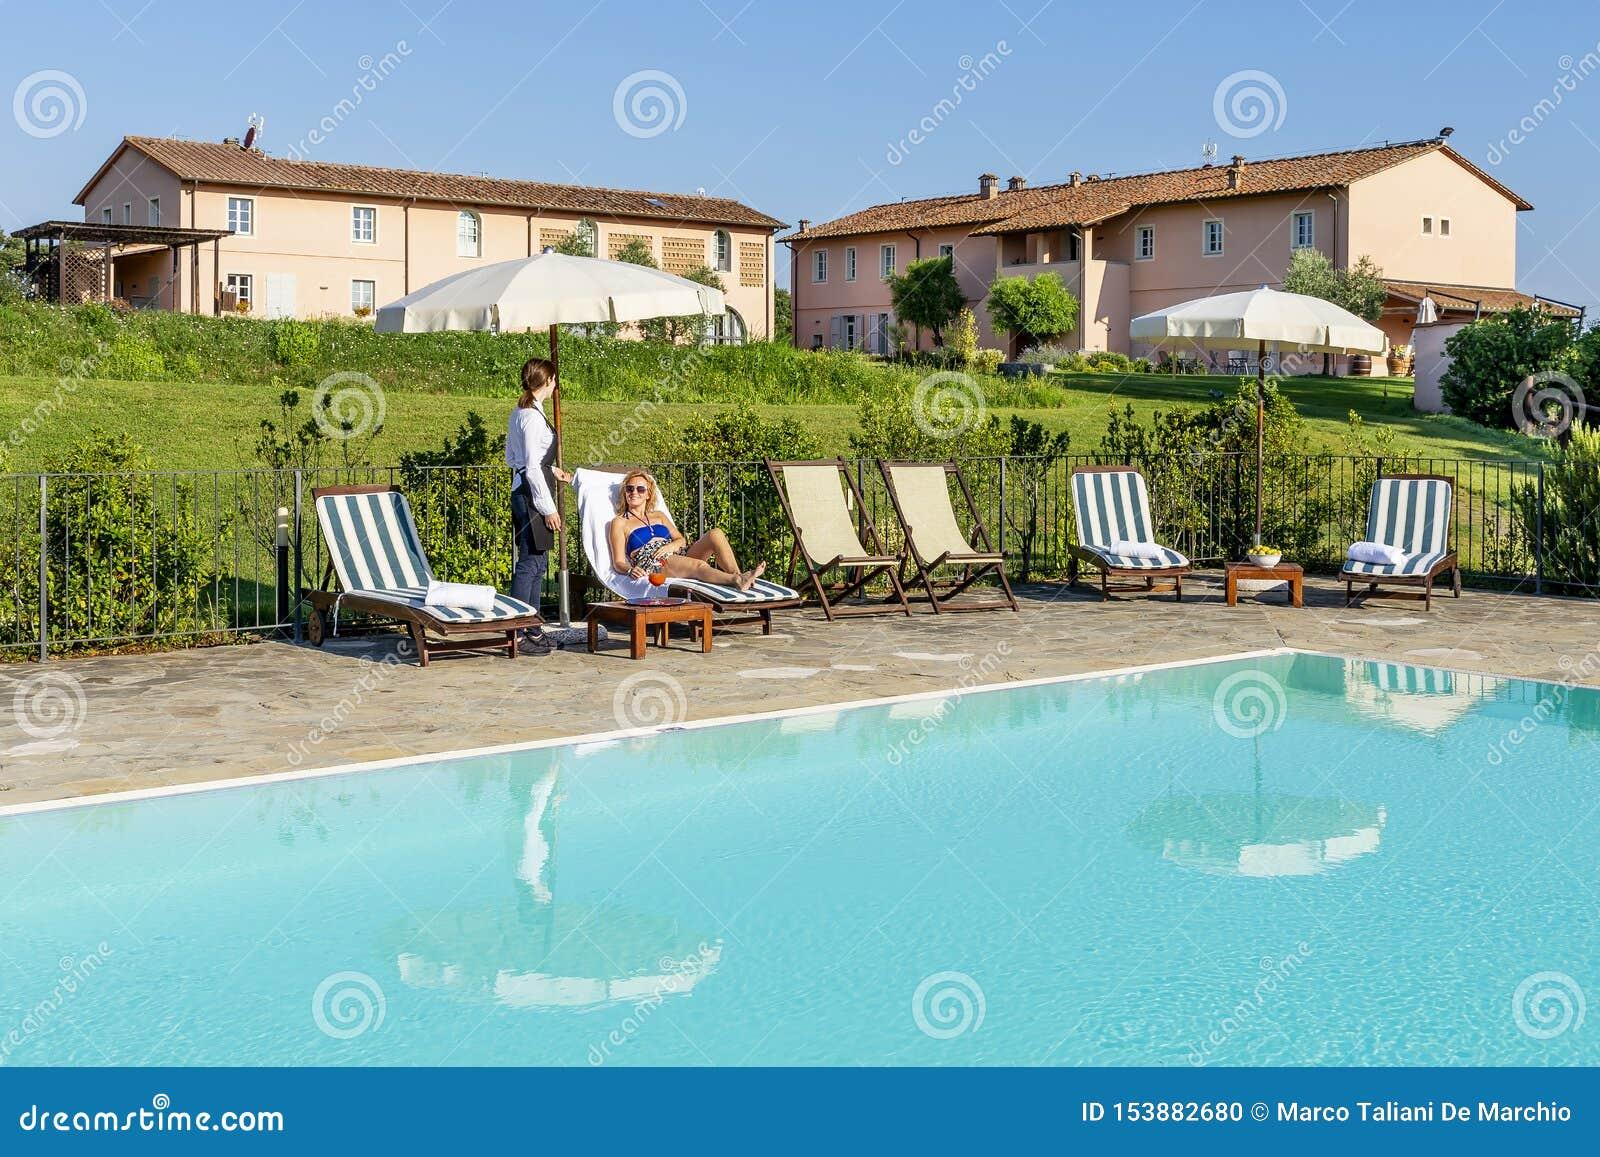 年轻女服务员服务游泳池边鸡尾酒给顾客坐在一种手段的一个懒人在比萨,意大利乡下